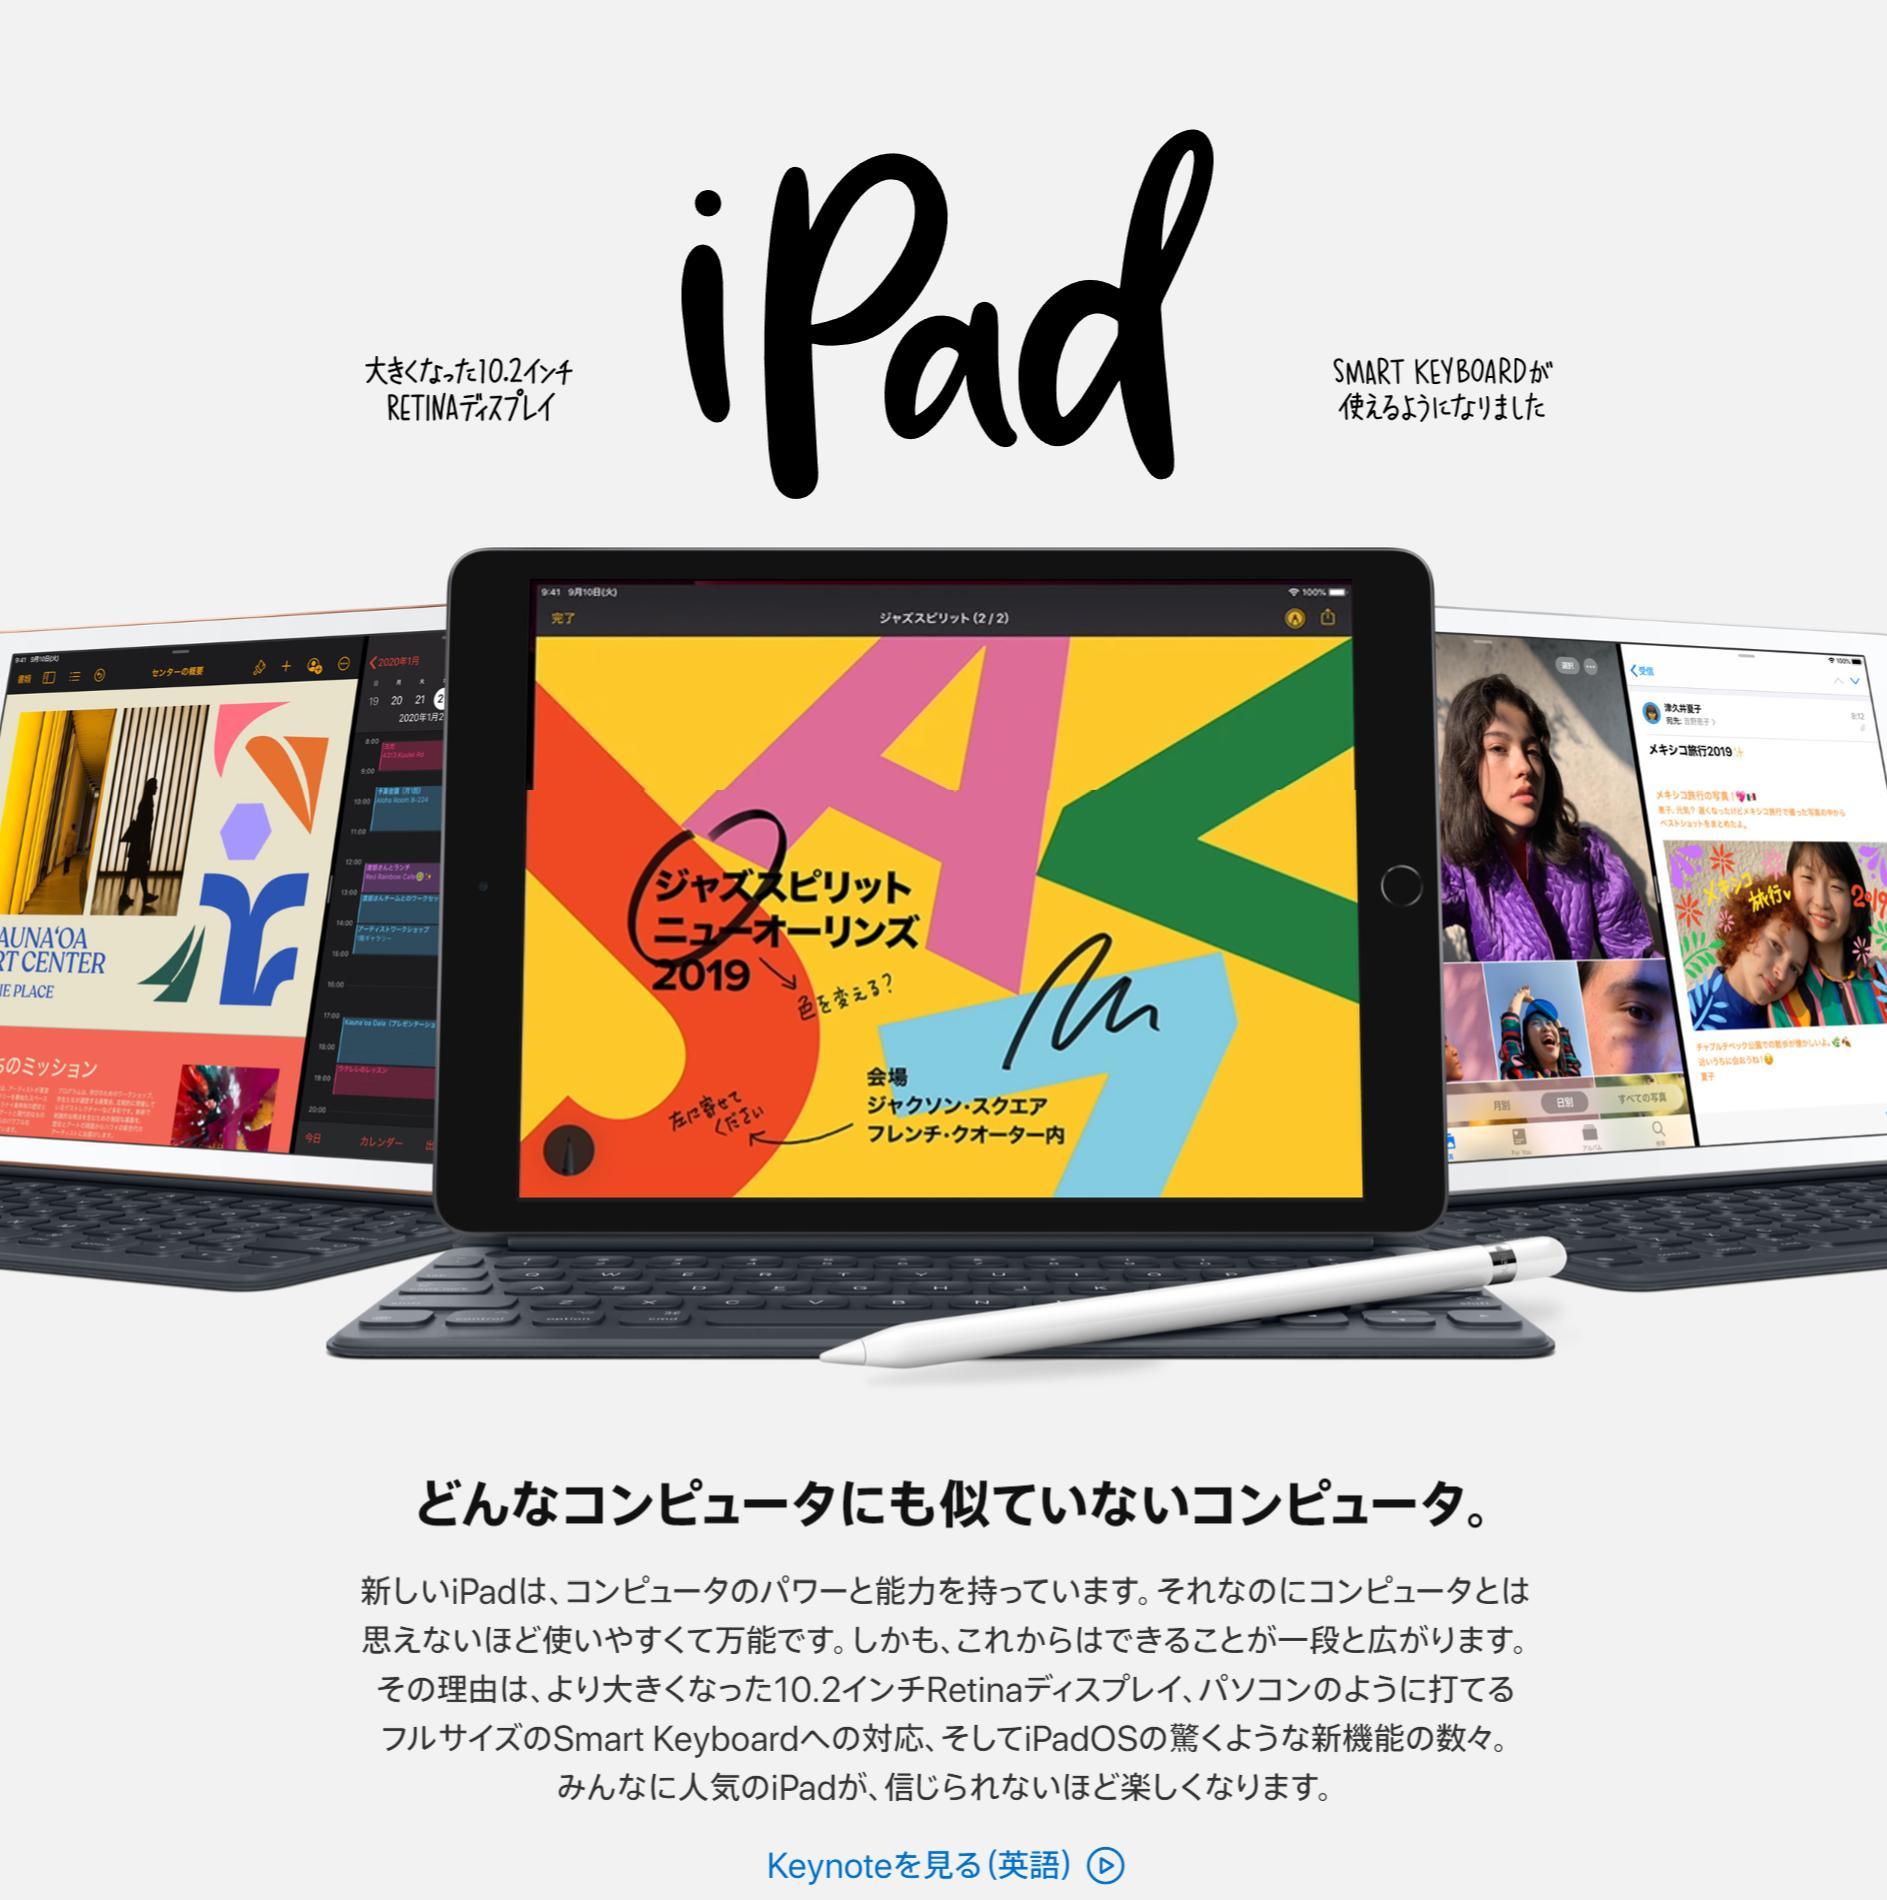 新型ipadは ・パソコン離れに対応するタブレット(3万円代) ・イラストレーター需要 ・ソシャゲ以外もできる とアピールしていて本気で日本市場を意識してるんじゃないかと思えてきた 10.2インチiPad - Apple(日本)